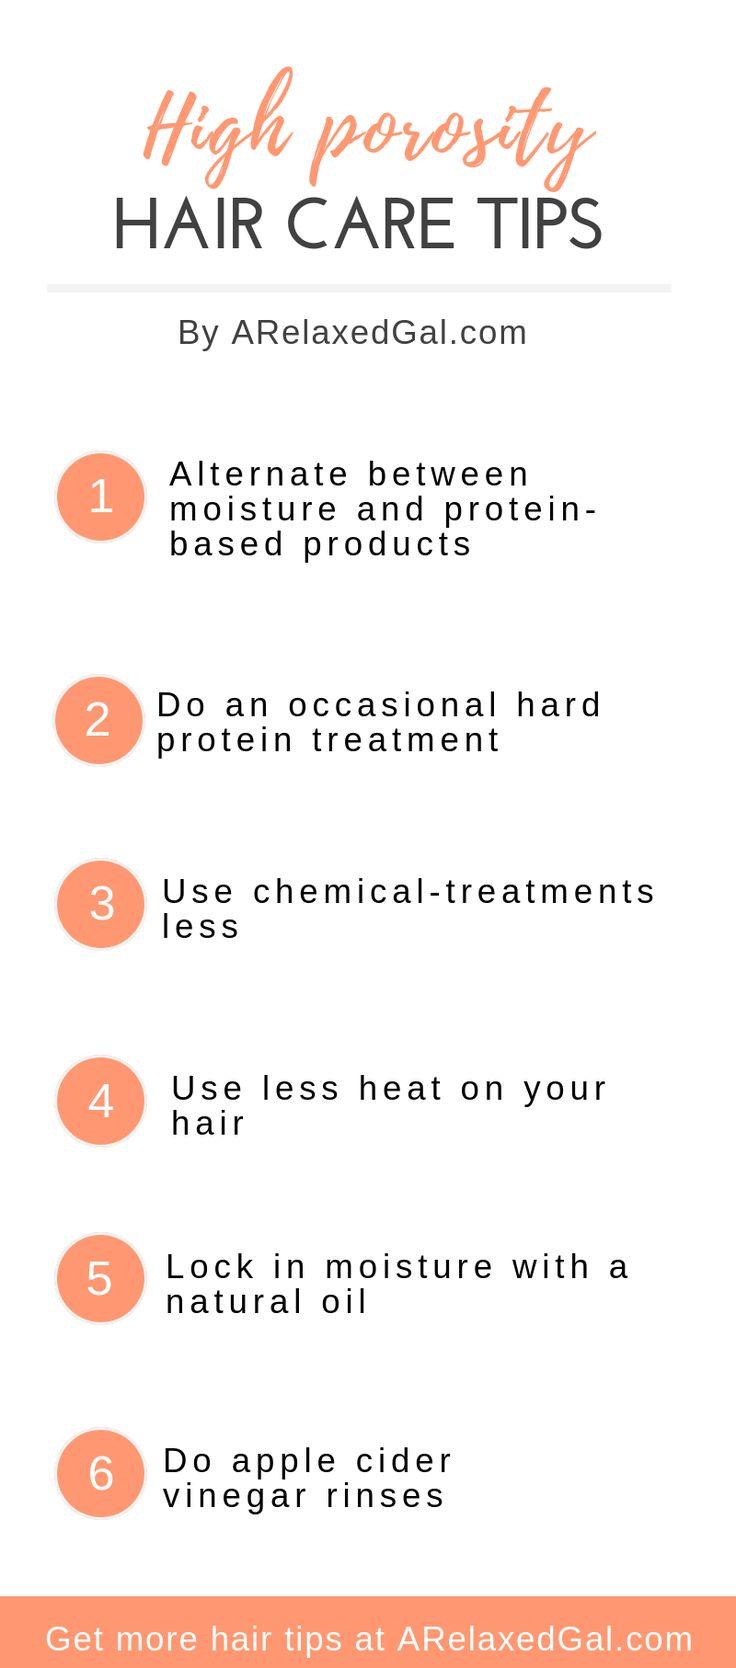 Tips For Taking Care Of High Porosity Hair